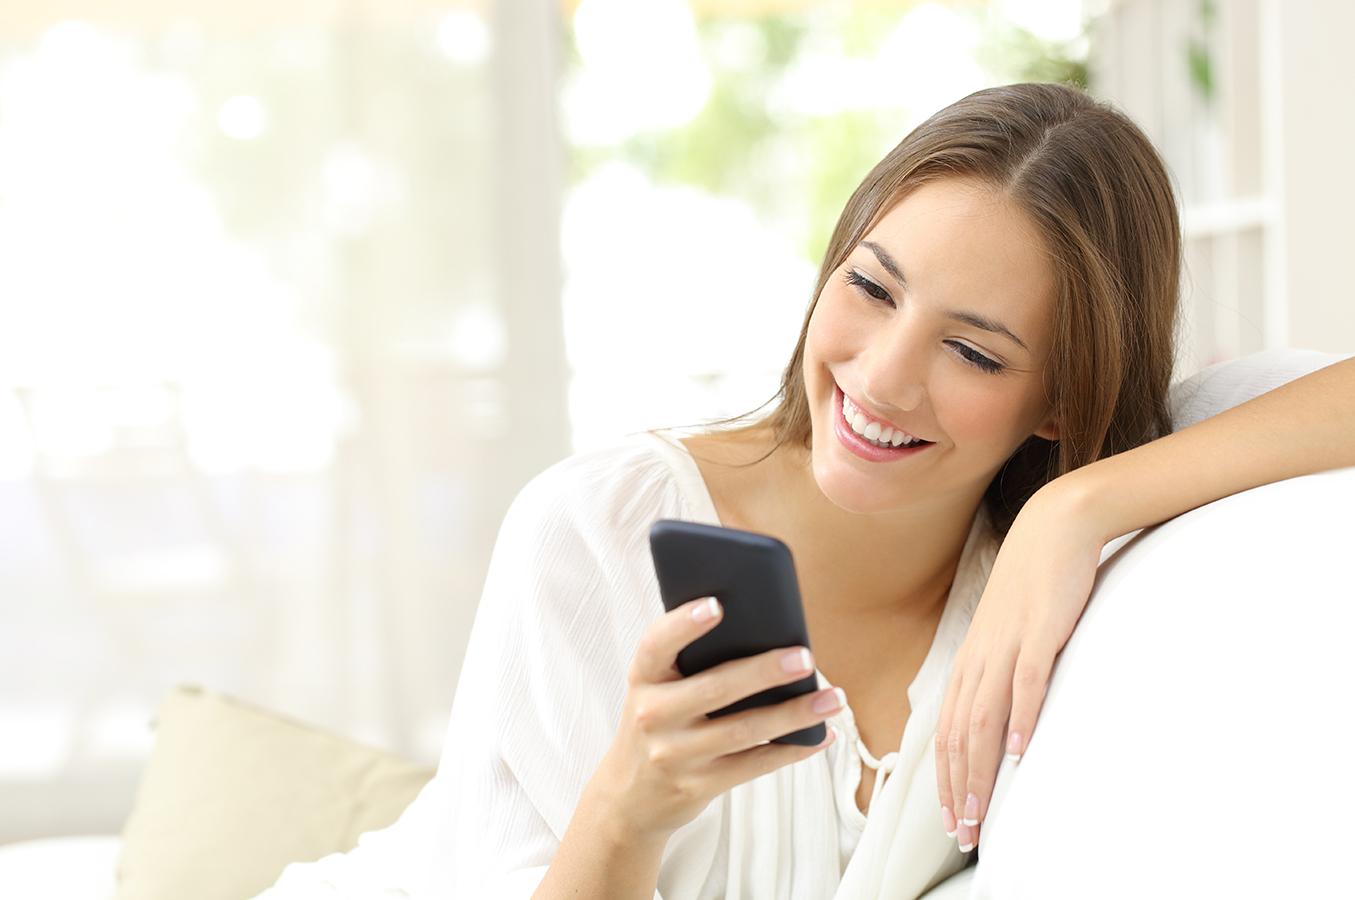 Mua thẻ Garena bằng SMS chiết khấu khủng, bạn đã thử chưa?